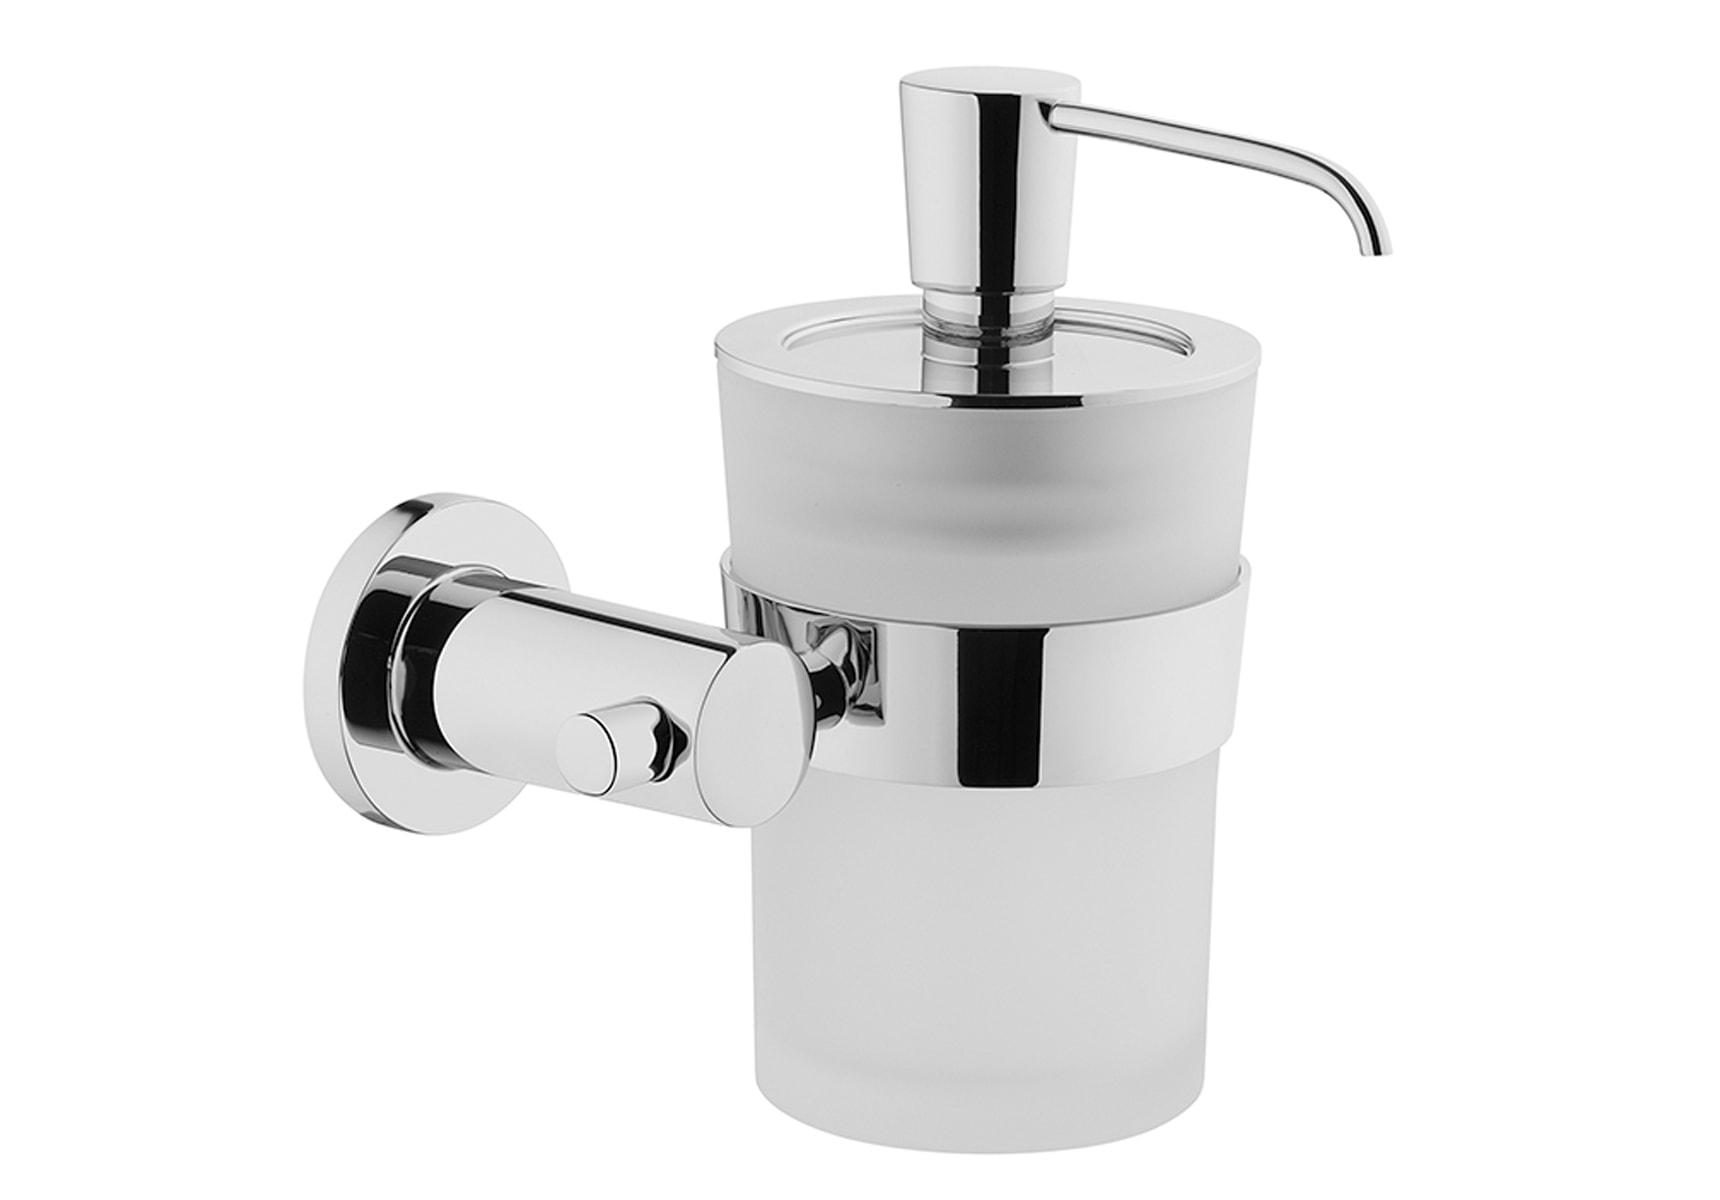 Ilia Liquid Soap Dispenser